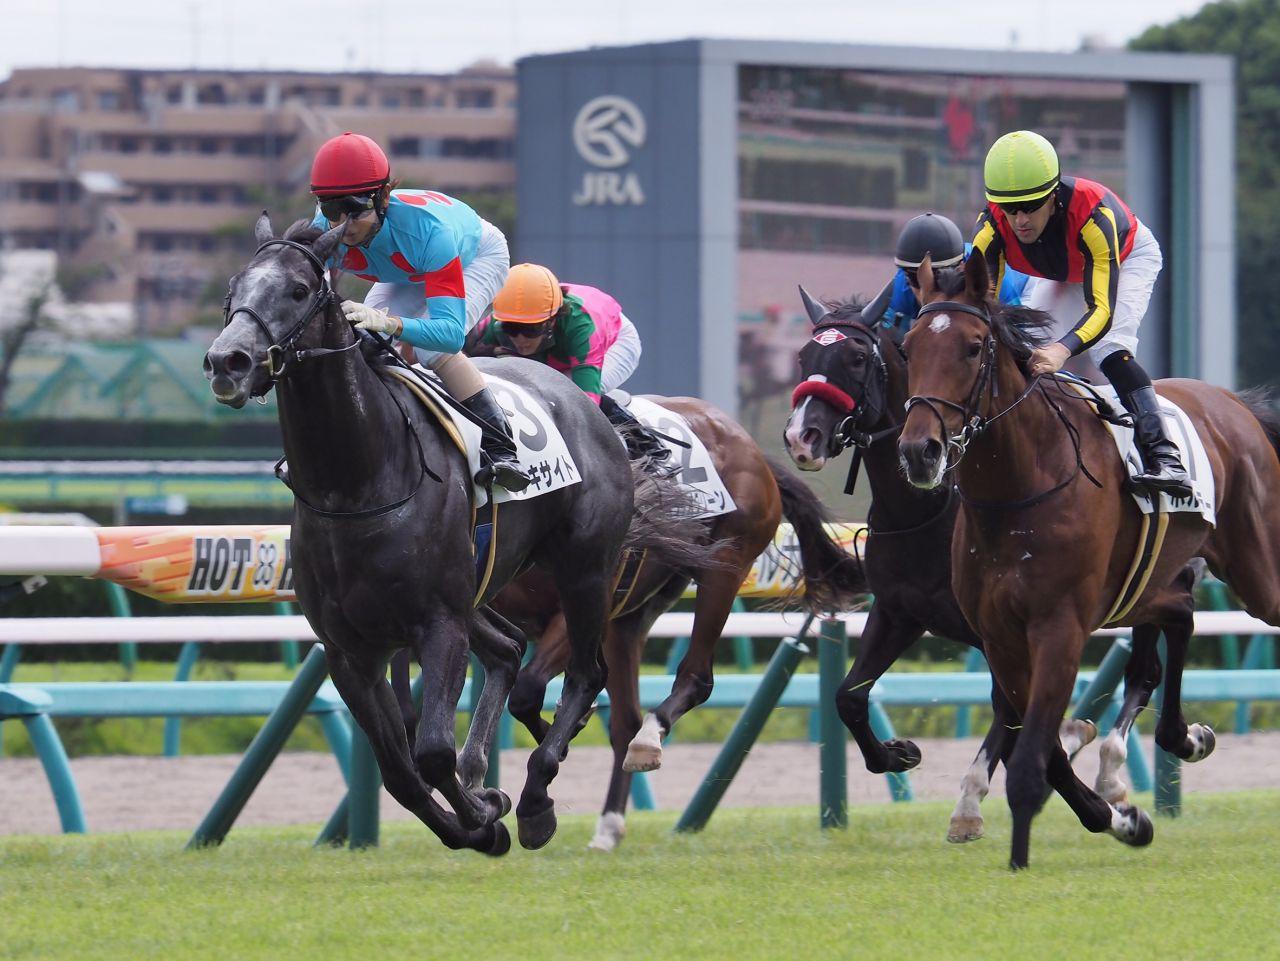 【中山5R/2歳新馬】ブラックタイド産駒 ウレキサイトがデビュー勝ち